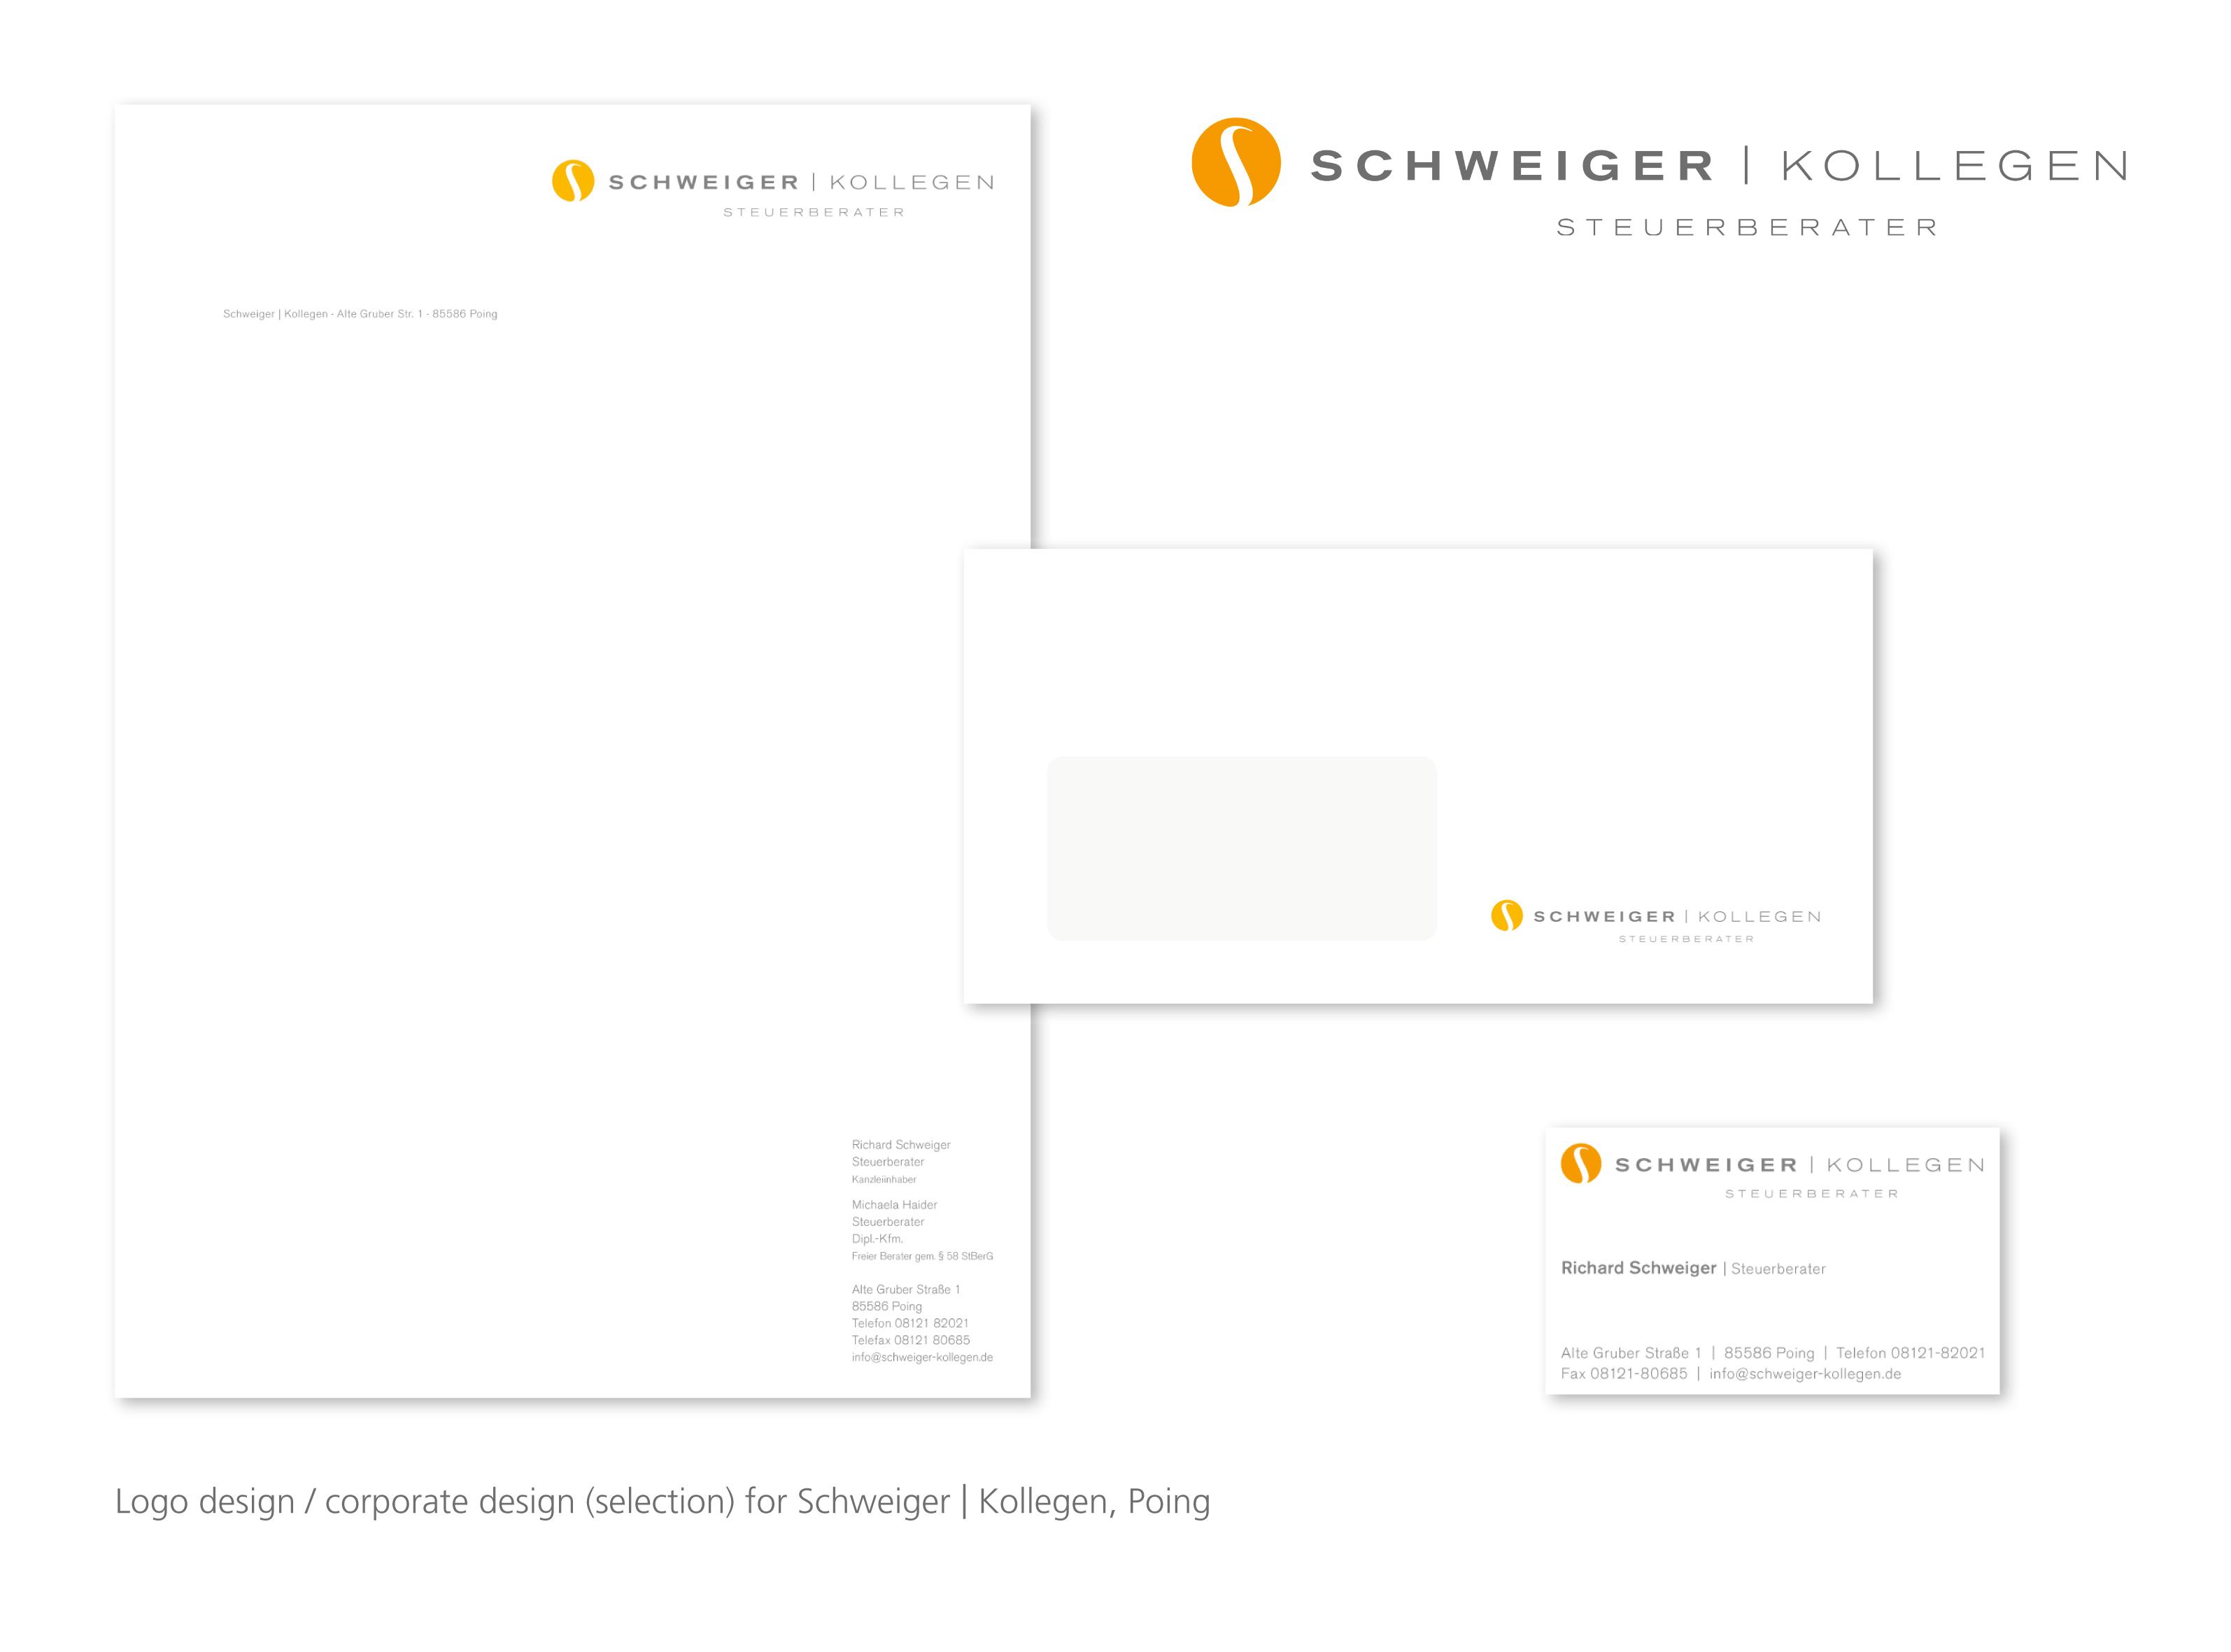 Corporate_Design_E_16_schweiger